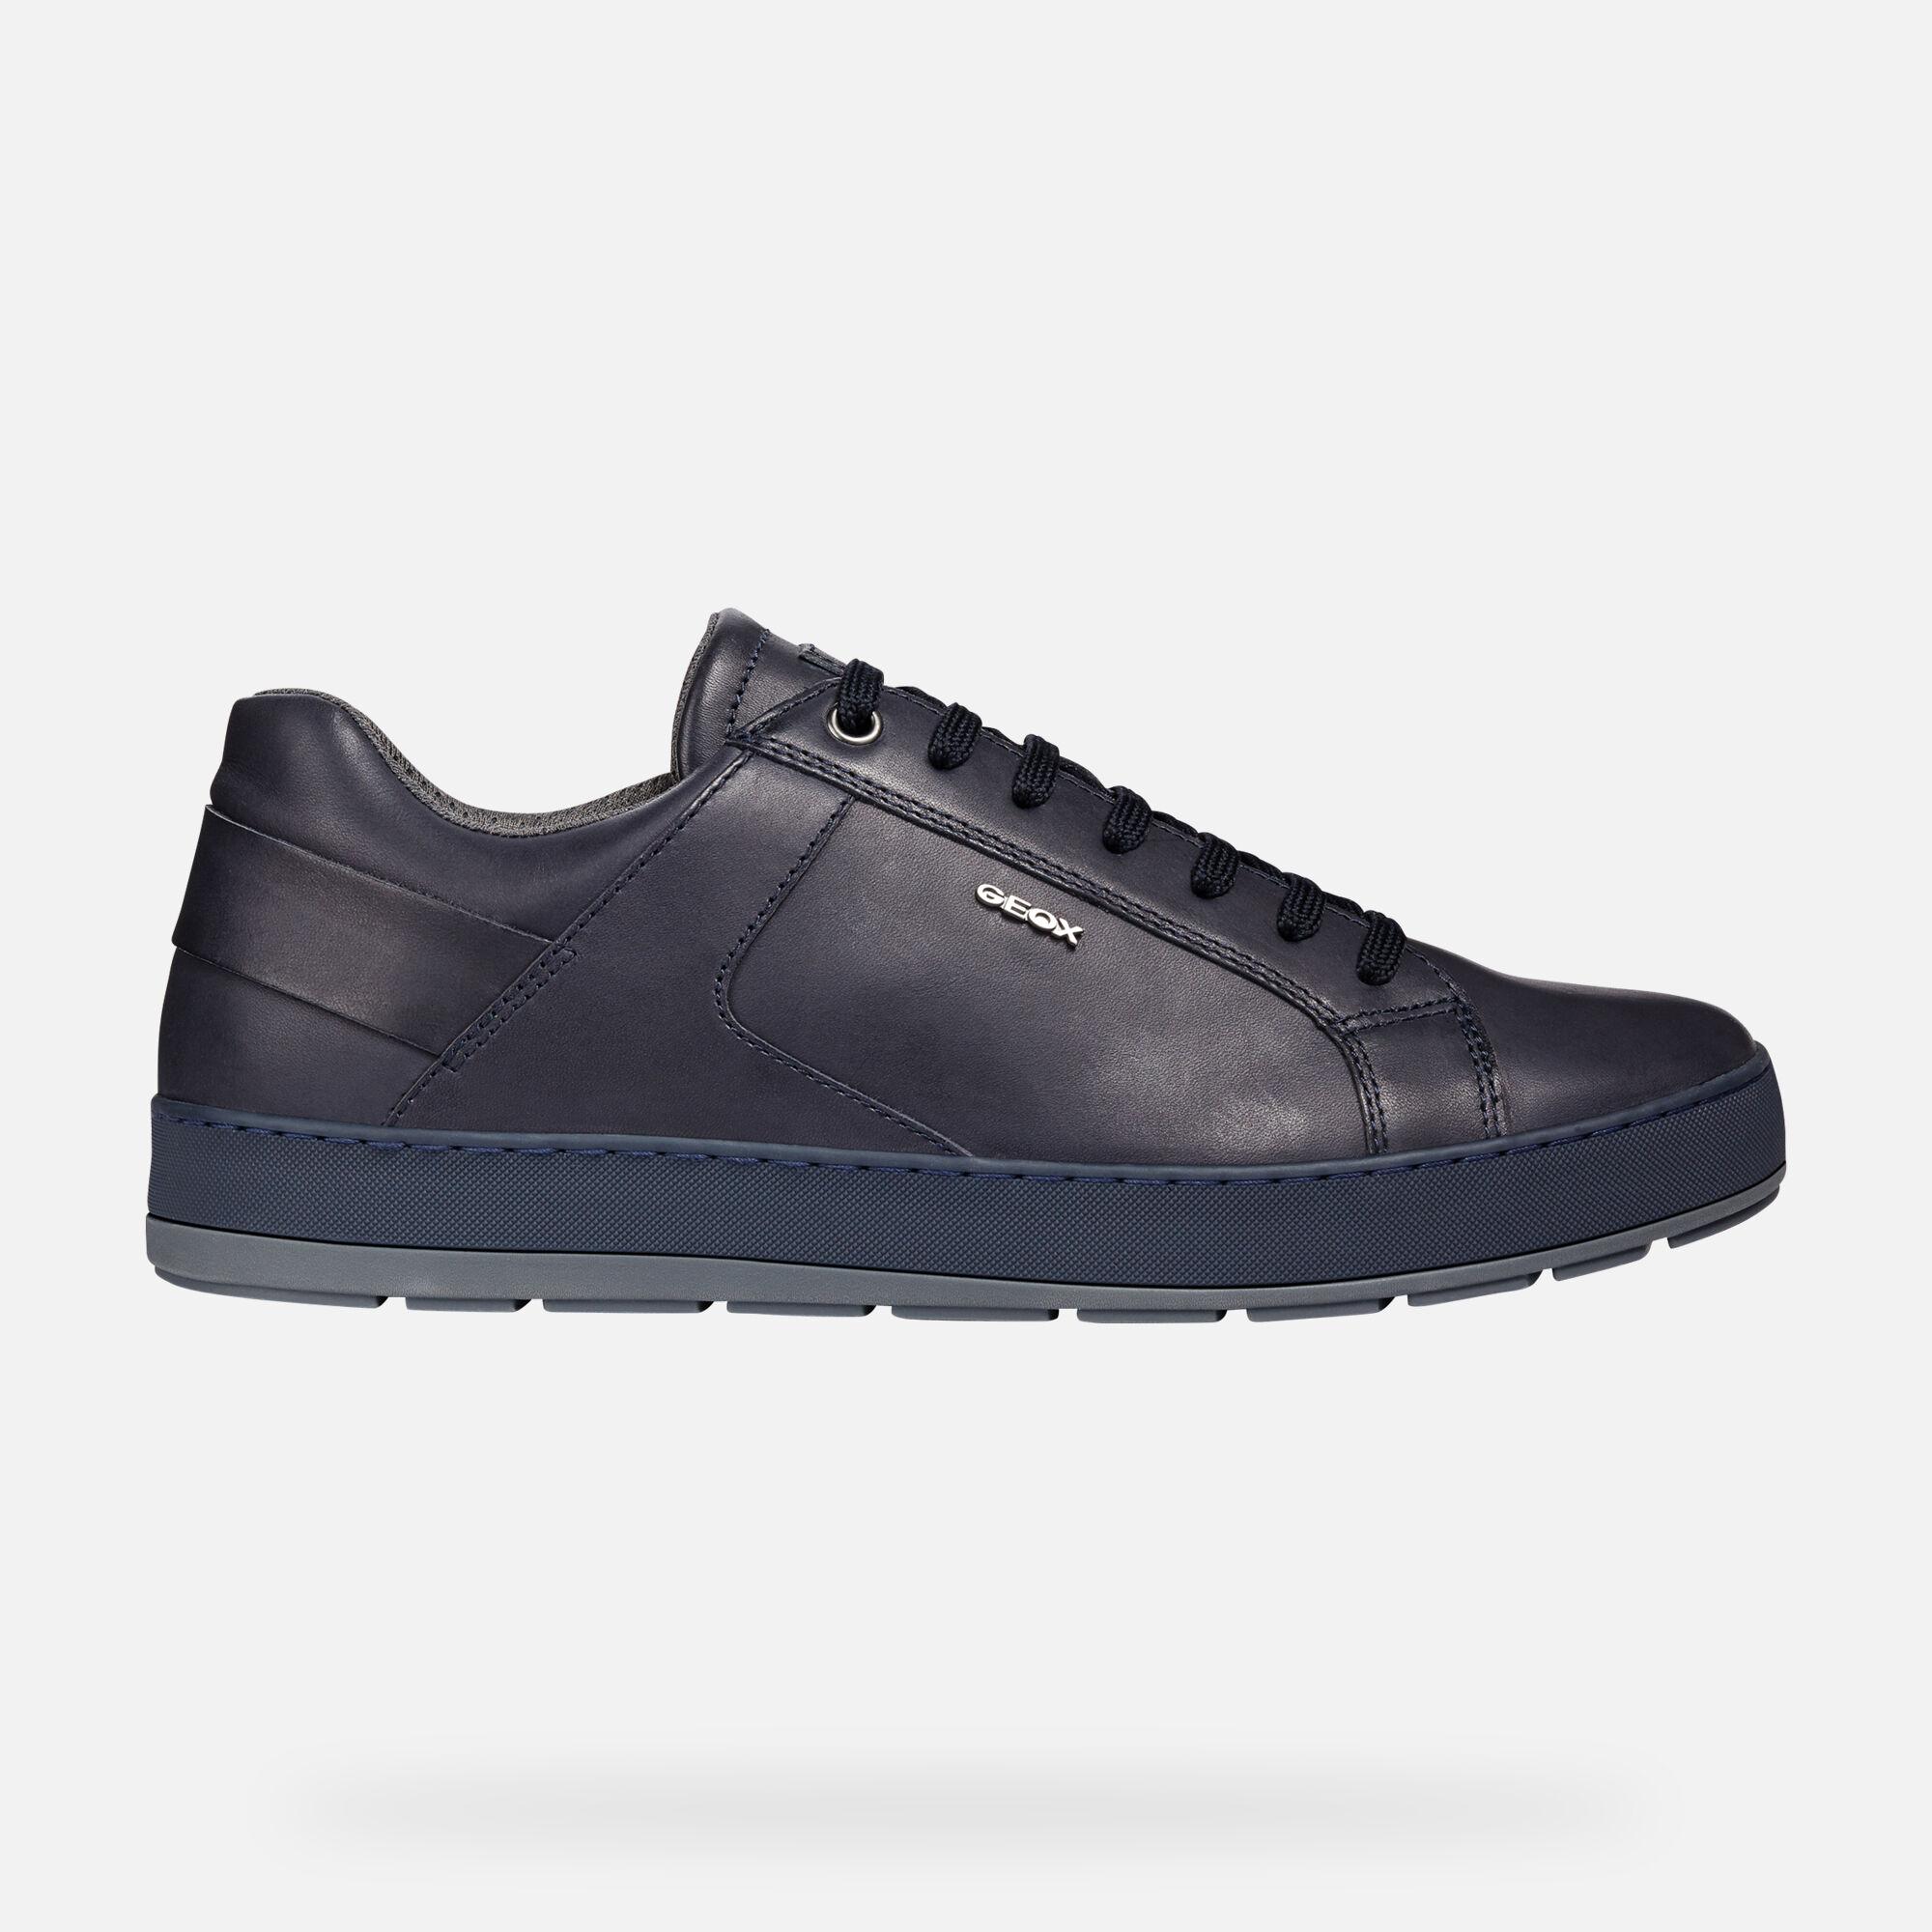 GEOX U ARIAM D Scarpe Sneaker Casual Stringhe In Pelle Da